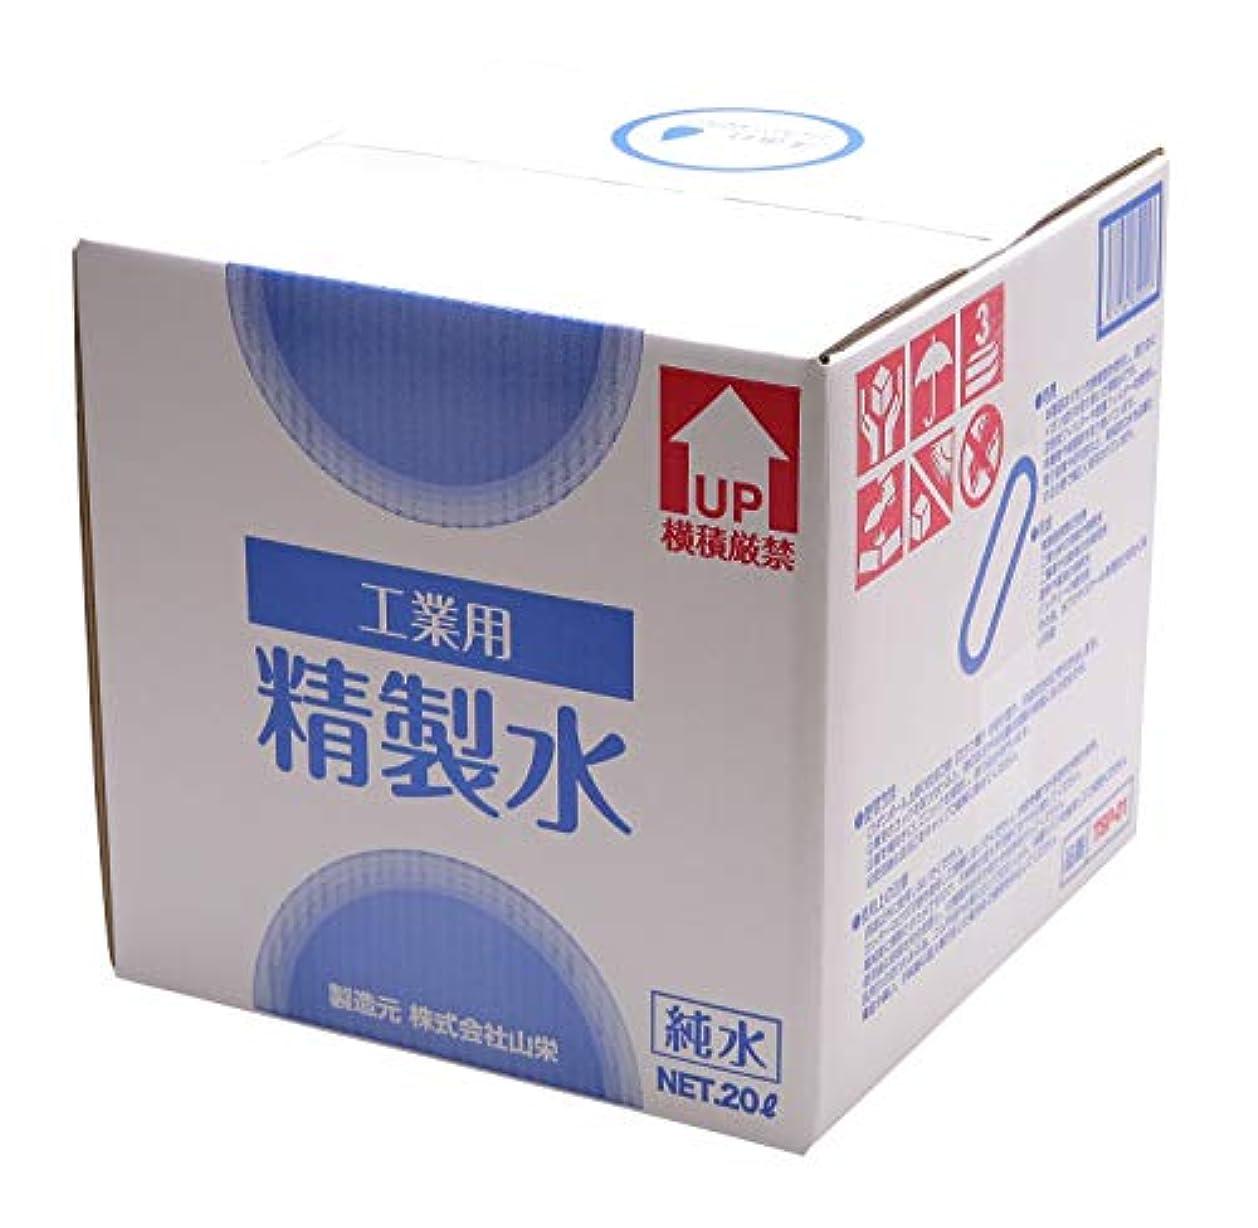 きちんとした敵既婚サンエイ化学 工業用精製水 純水 20L×1箱 コックなし 【スチーマー 加湿器 オートクレーブ エステ 美容 歯科】